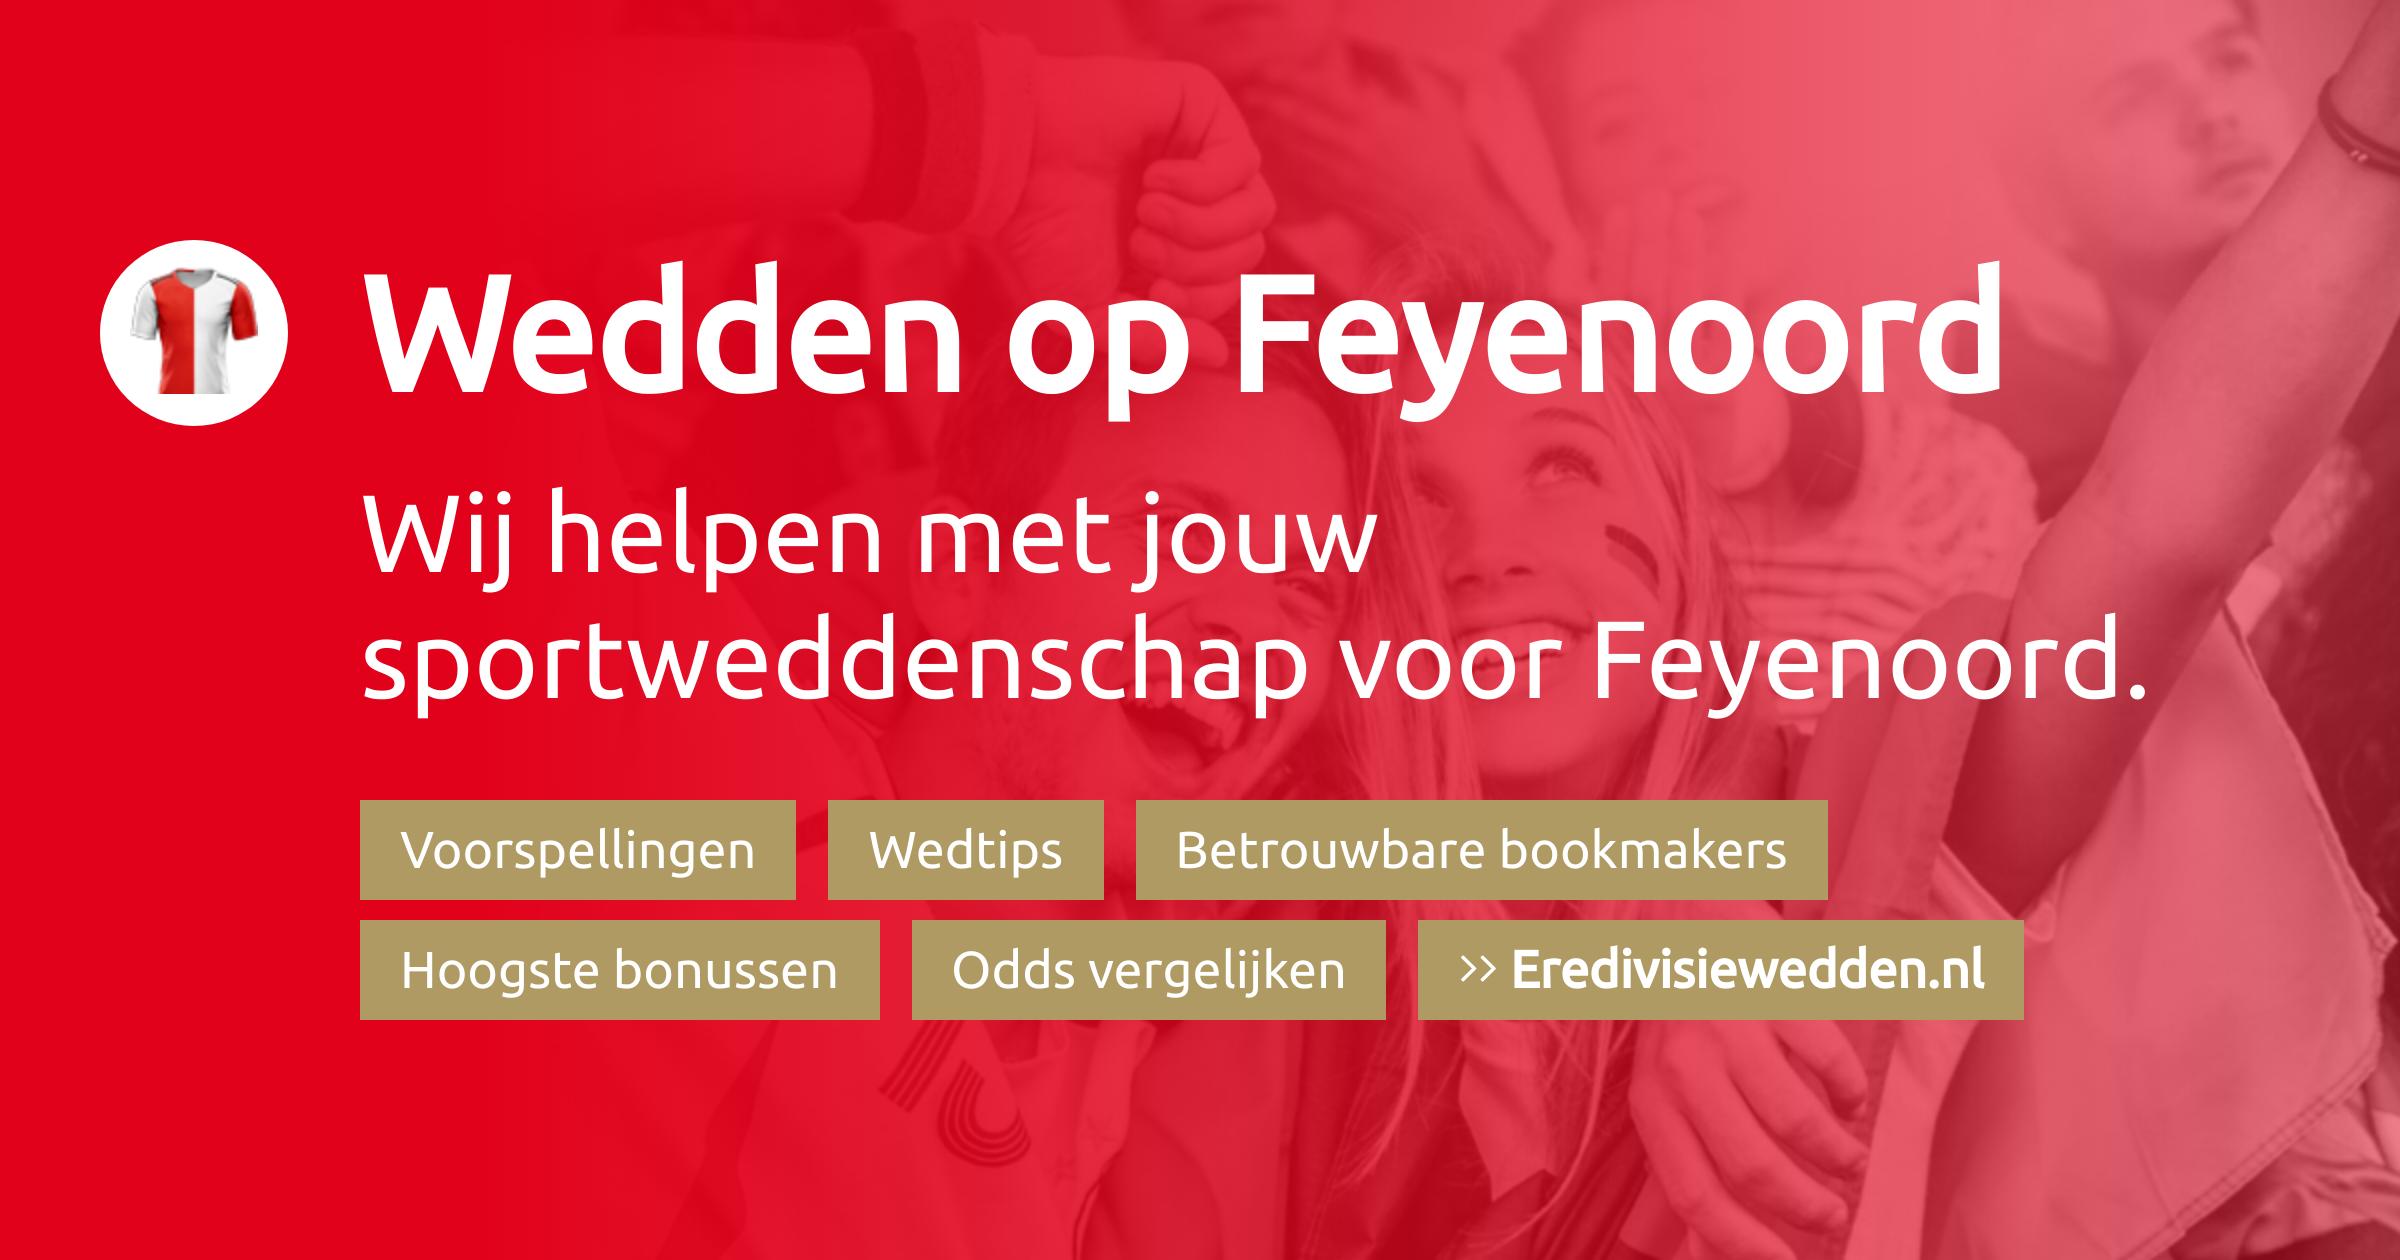 Feyenoord voorspellingen, promoties en bookmakers